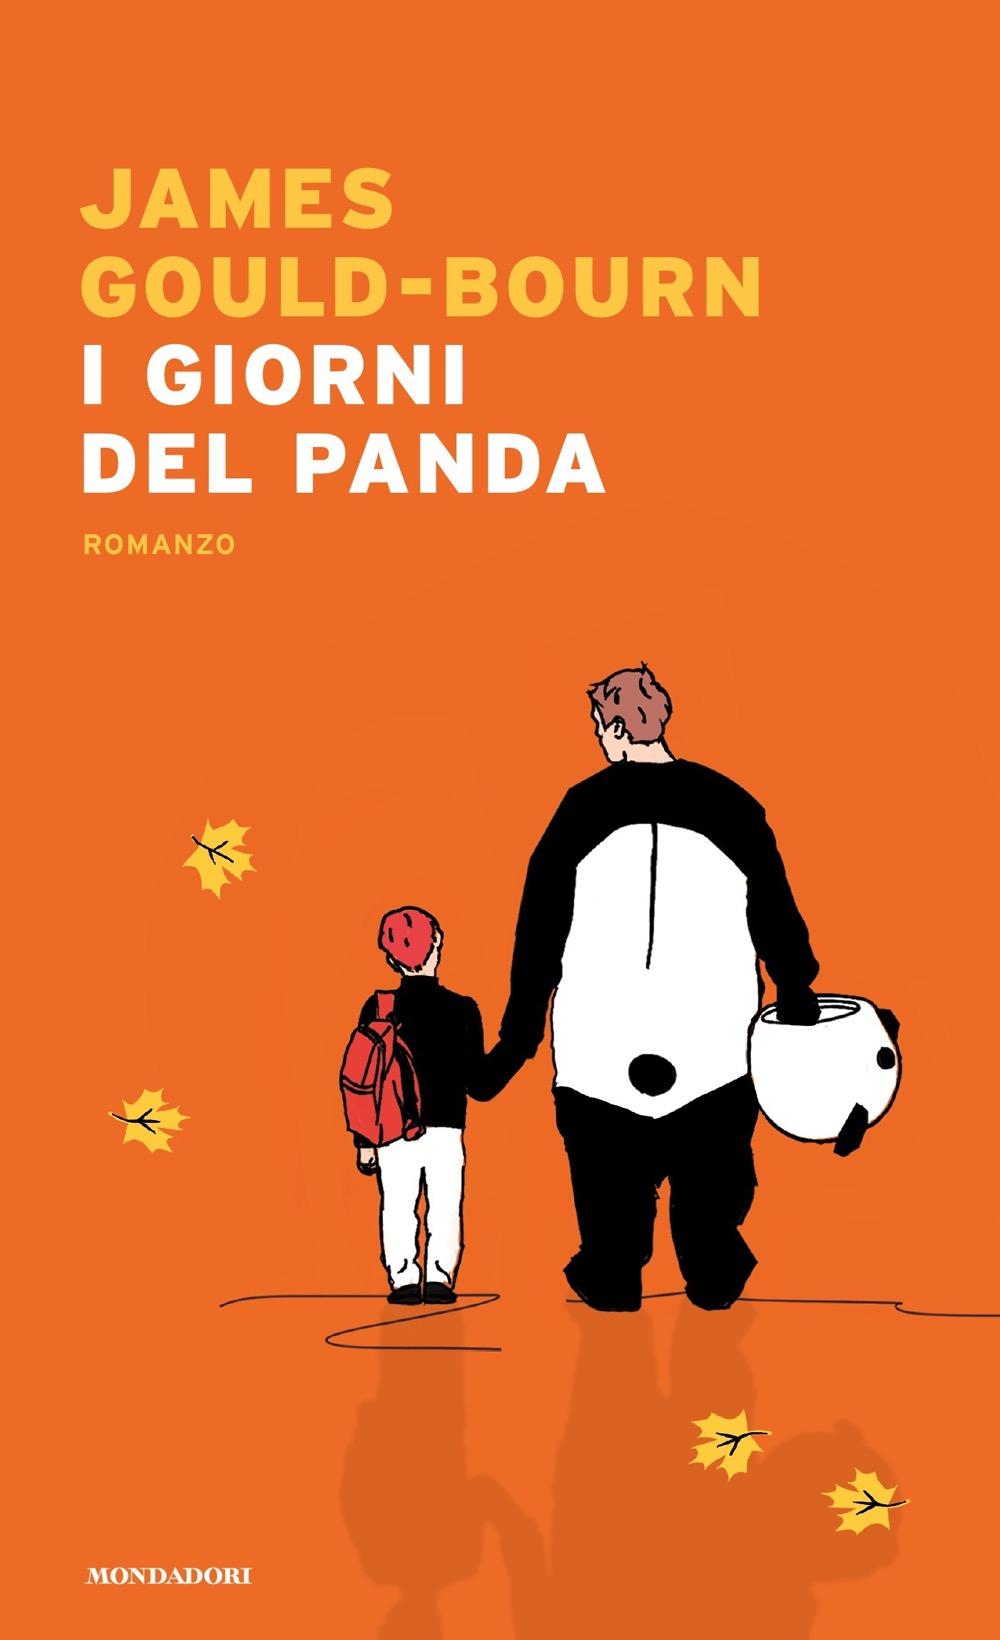 I giorni del panda - James Gould-Bourn   Libri Mondadori